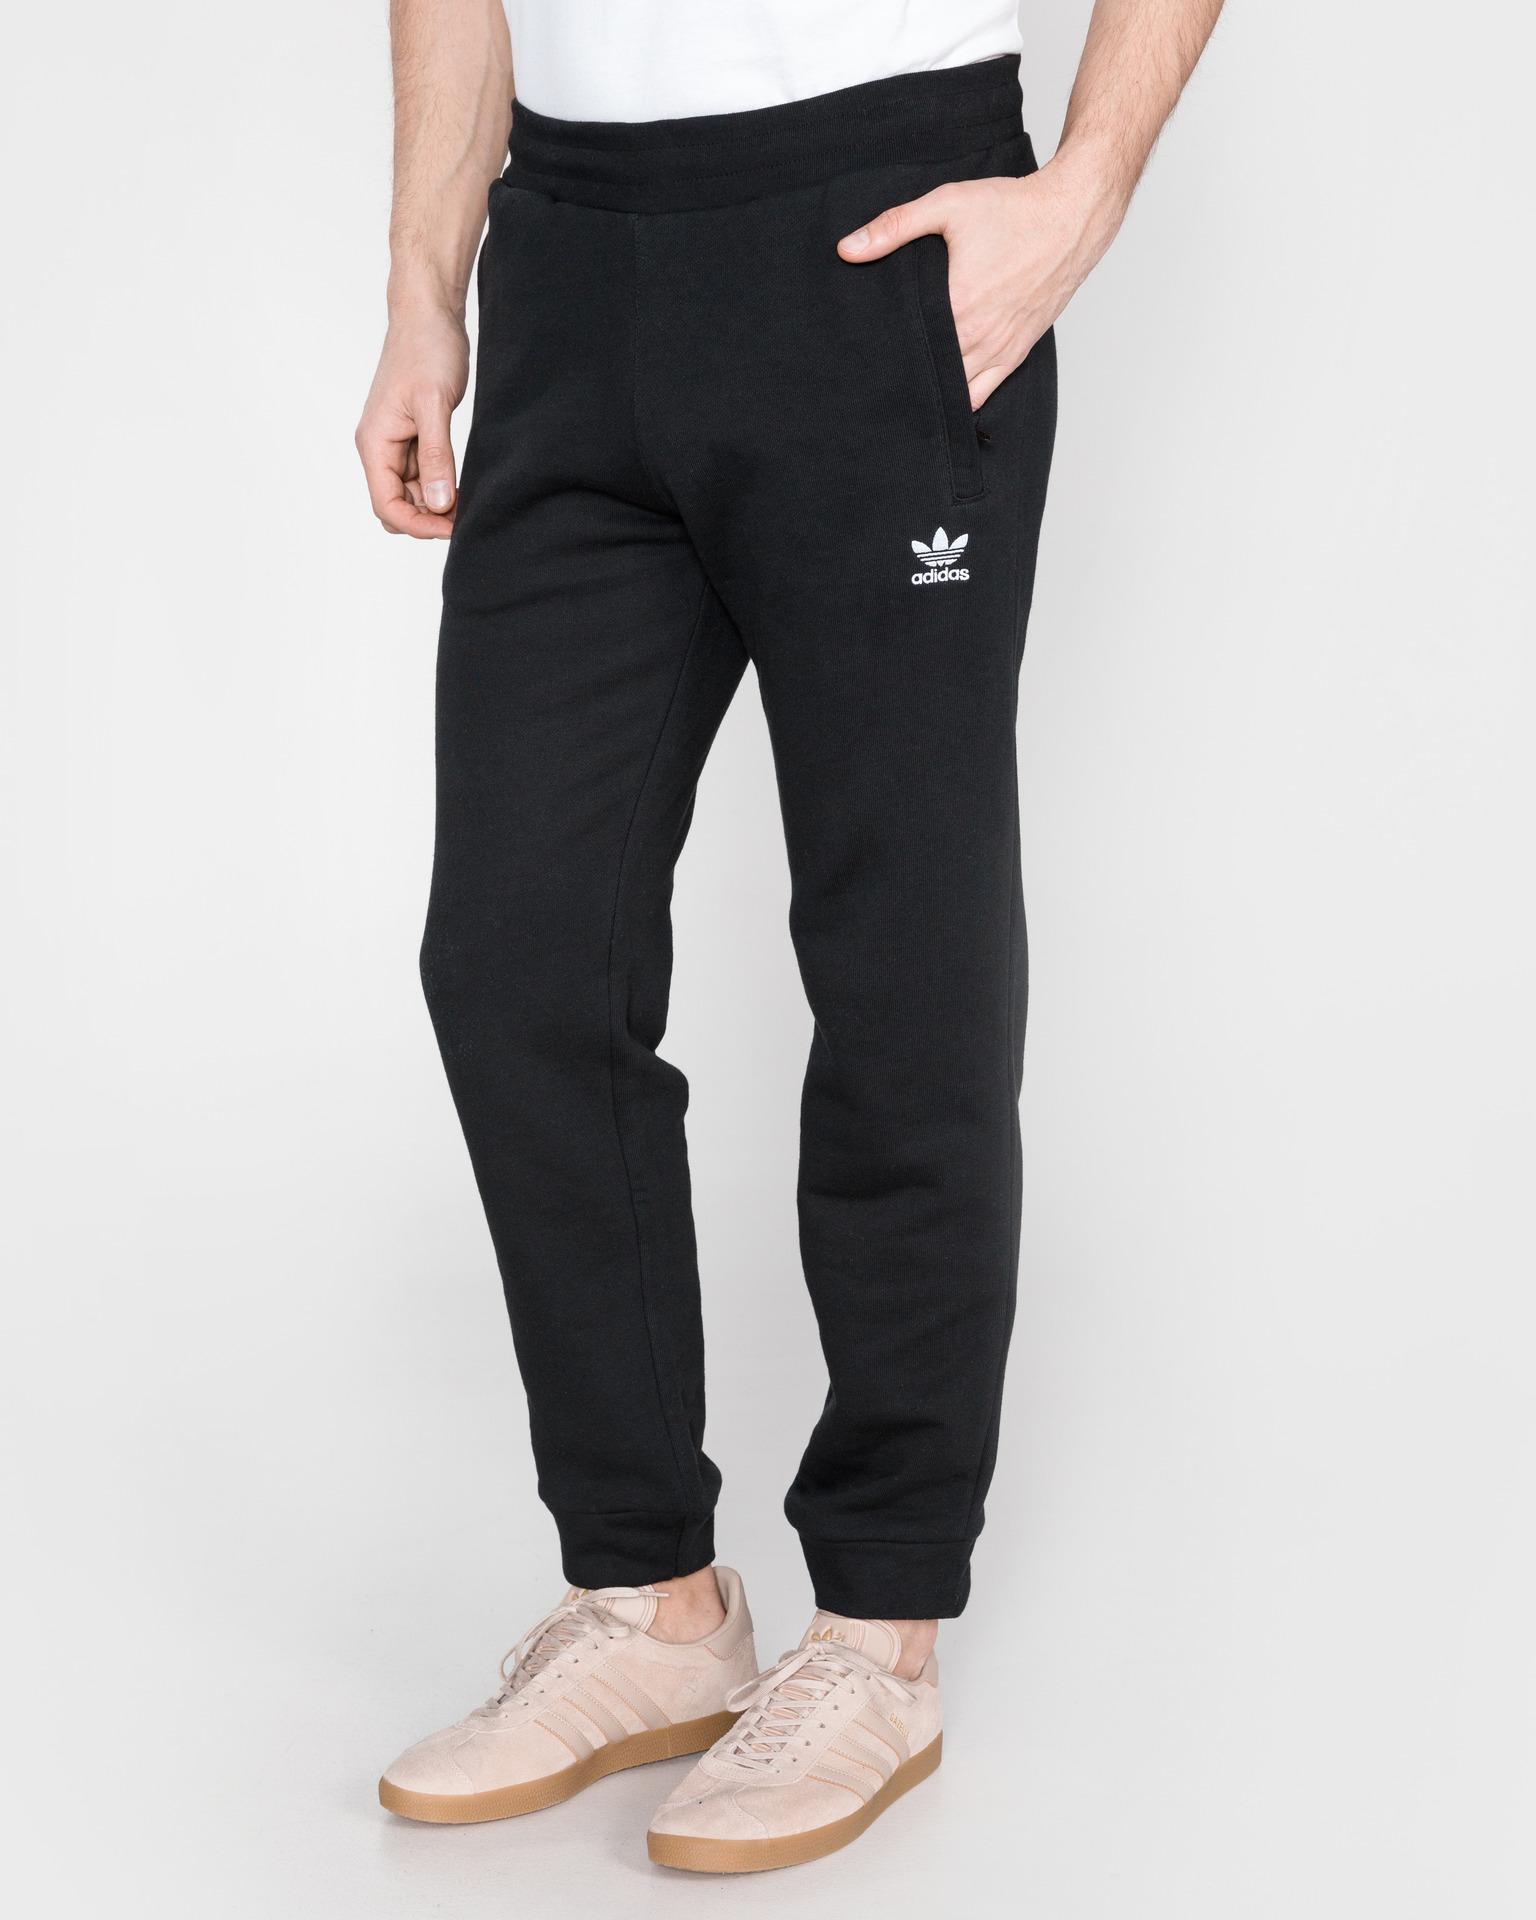 adidas Originals - Trefoil Tepláky  1d91a504a05